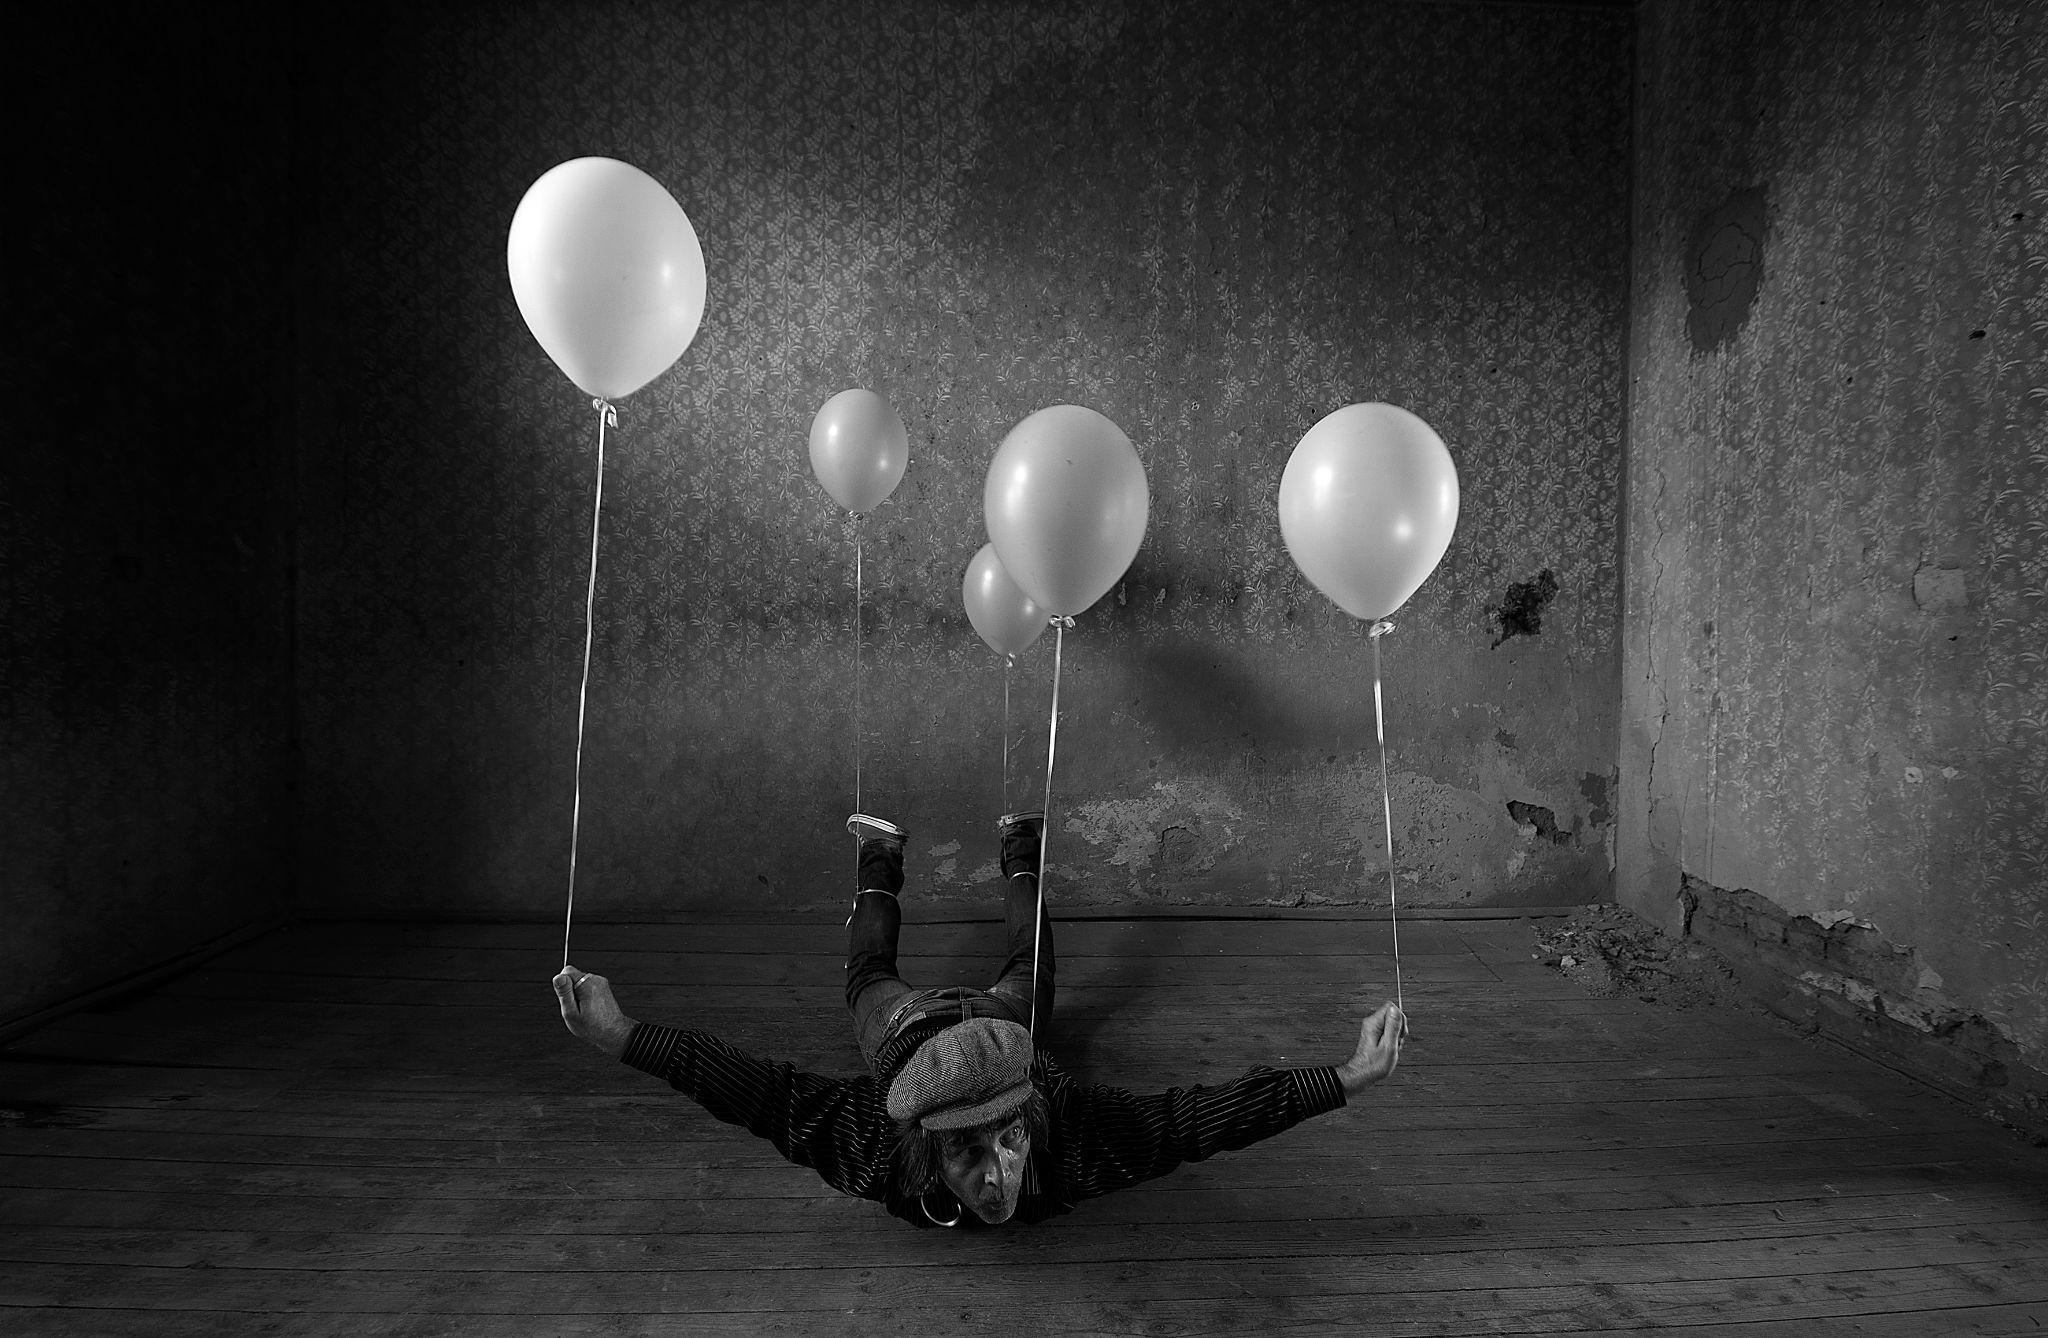 Lift me up by mario grobenski psychodaddy